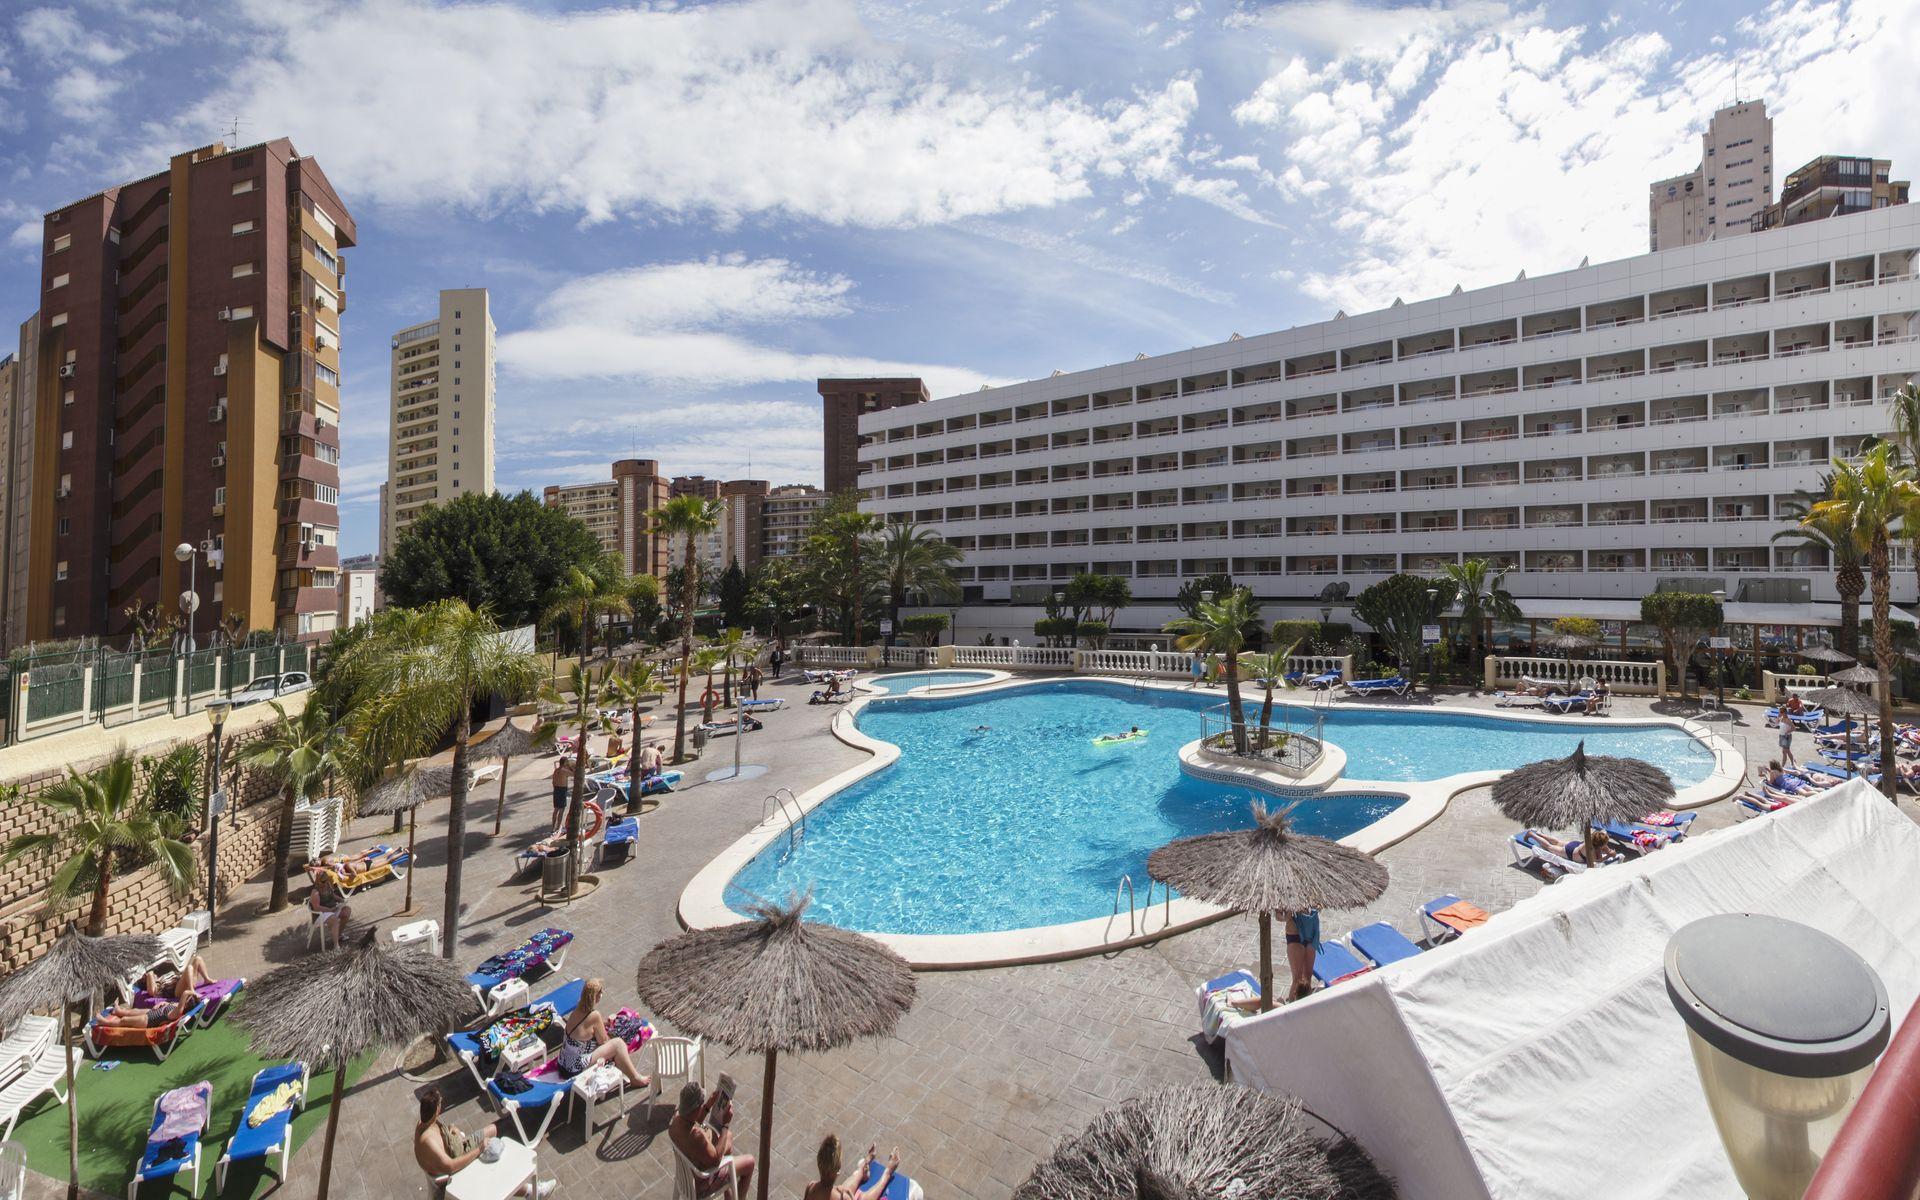 Hotel poseidon resort en benidorm costa blanca desde 34 for Piscina climatizada benidorm